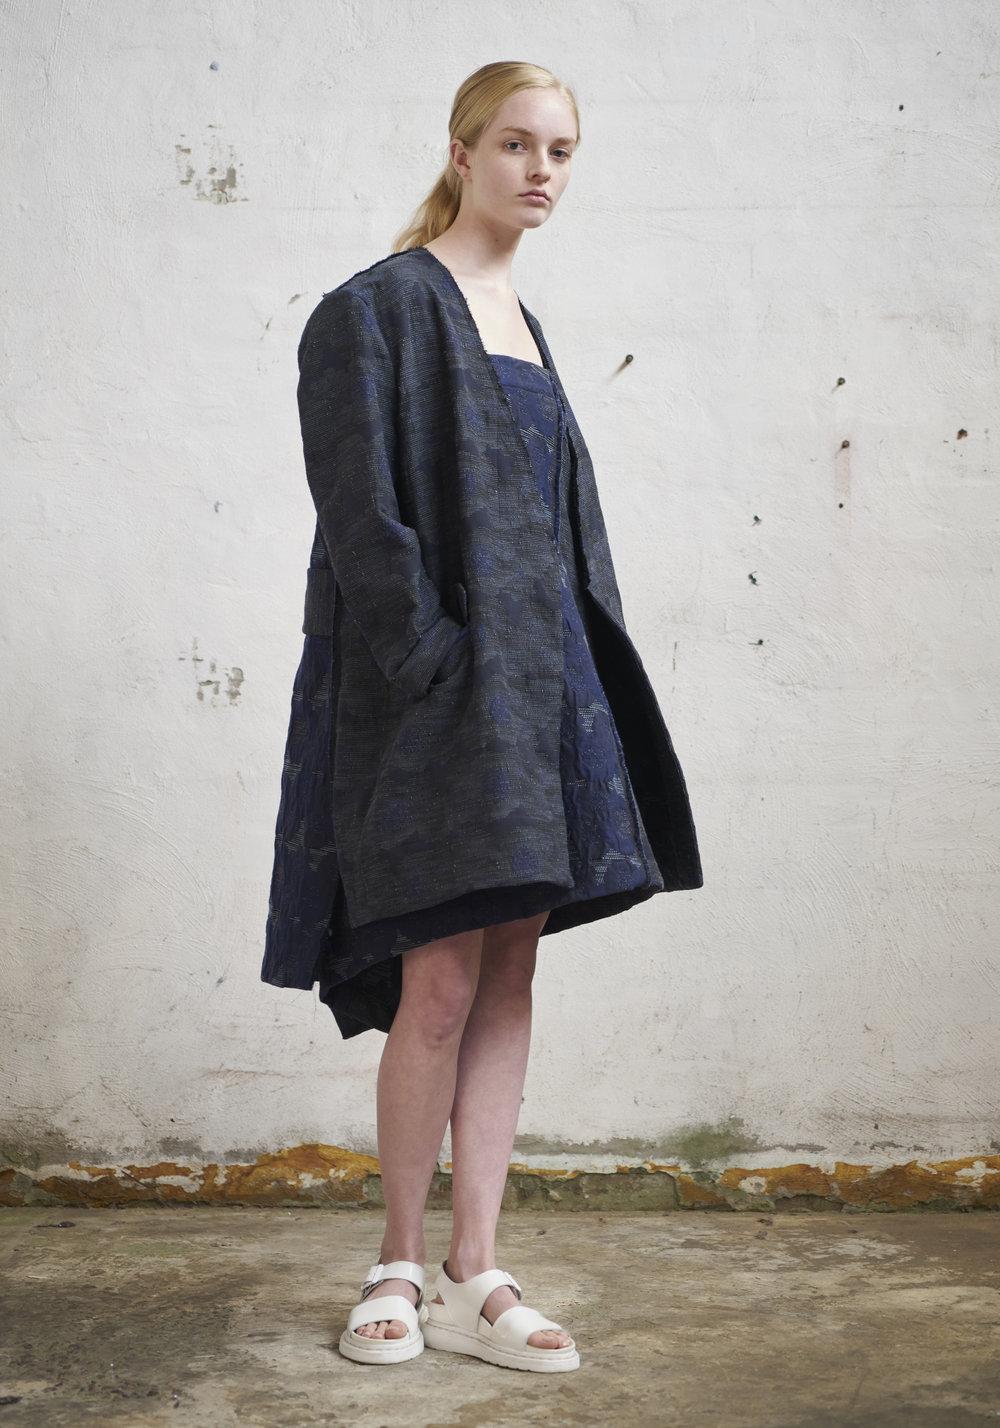 L O O K 2 2  296/S175236 Cross Angle Skirt (worn as a dress)  296/S179124 V-Neck Coat